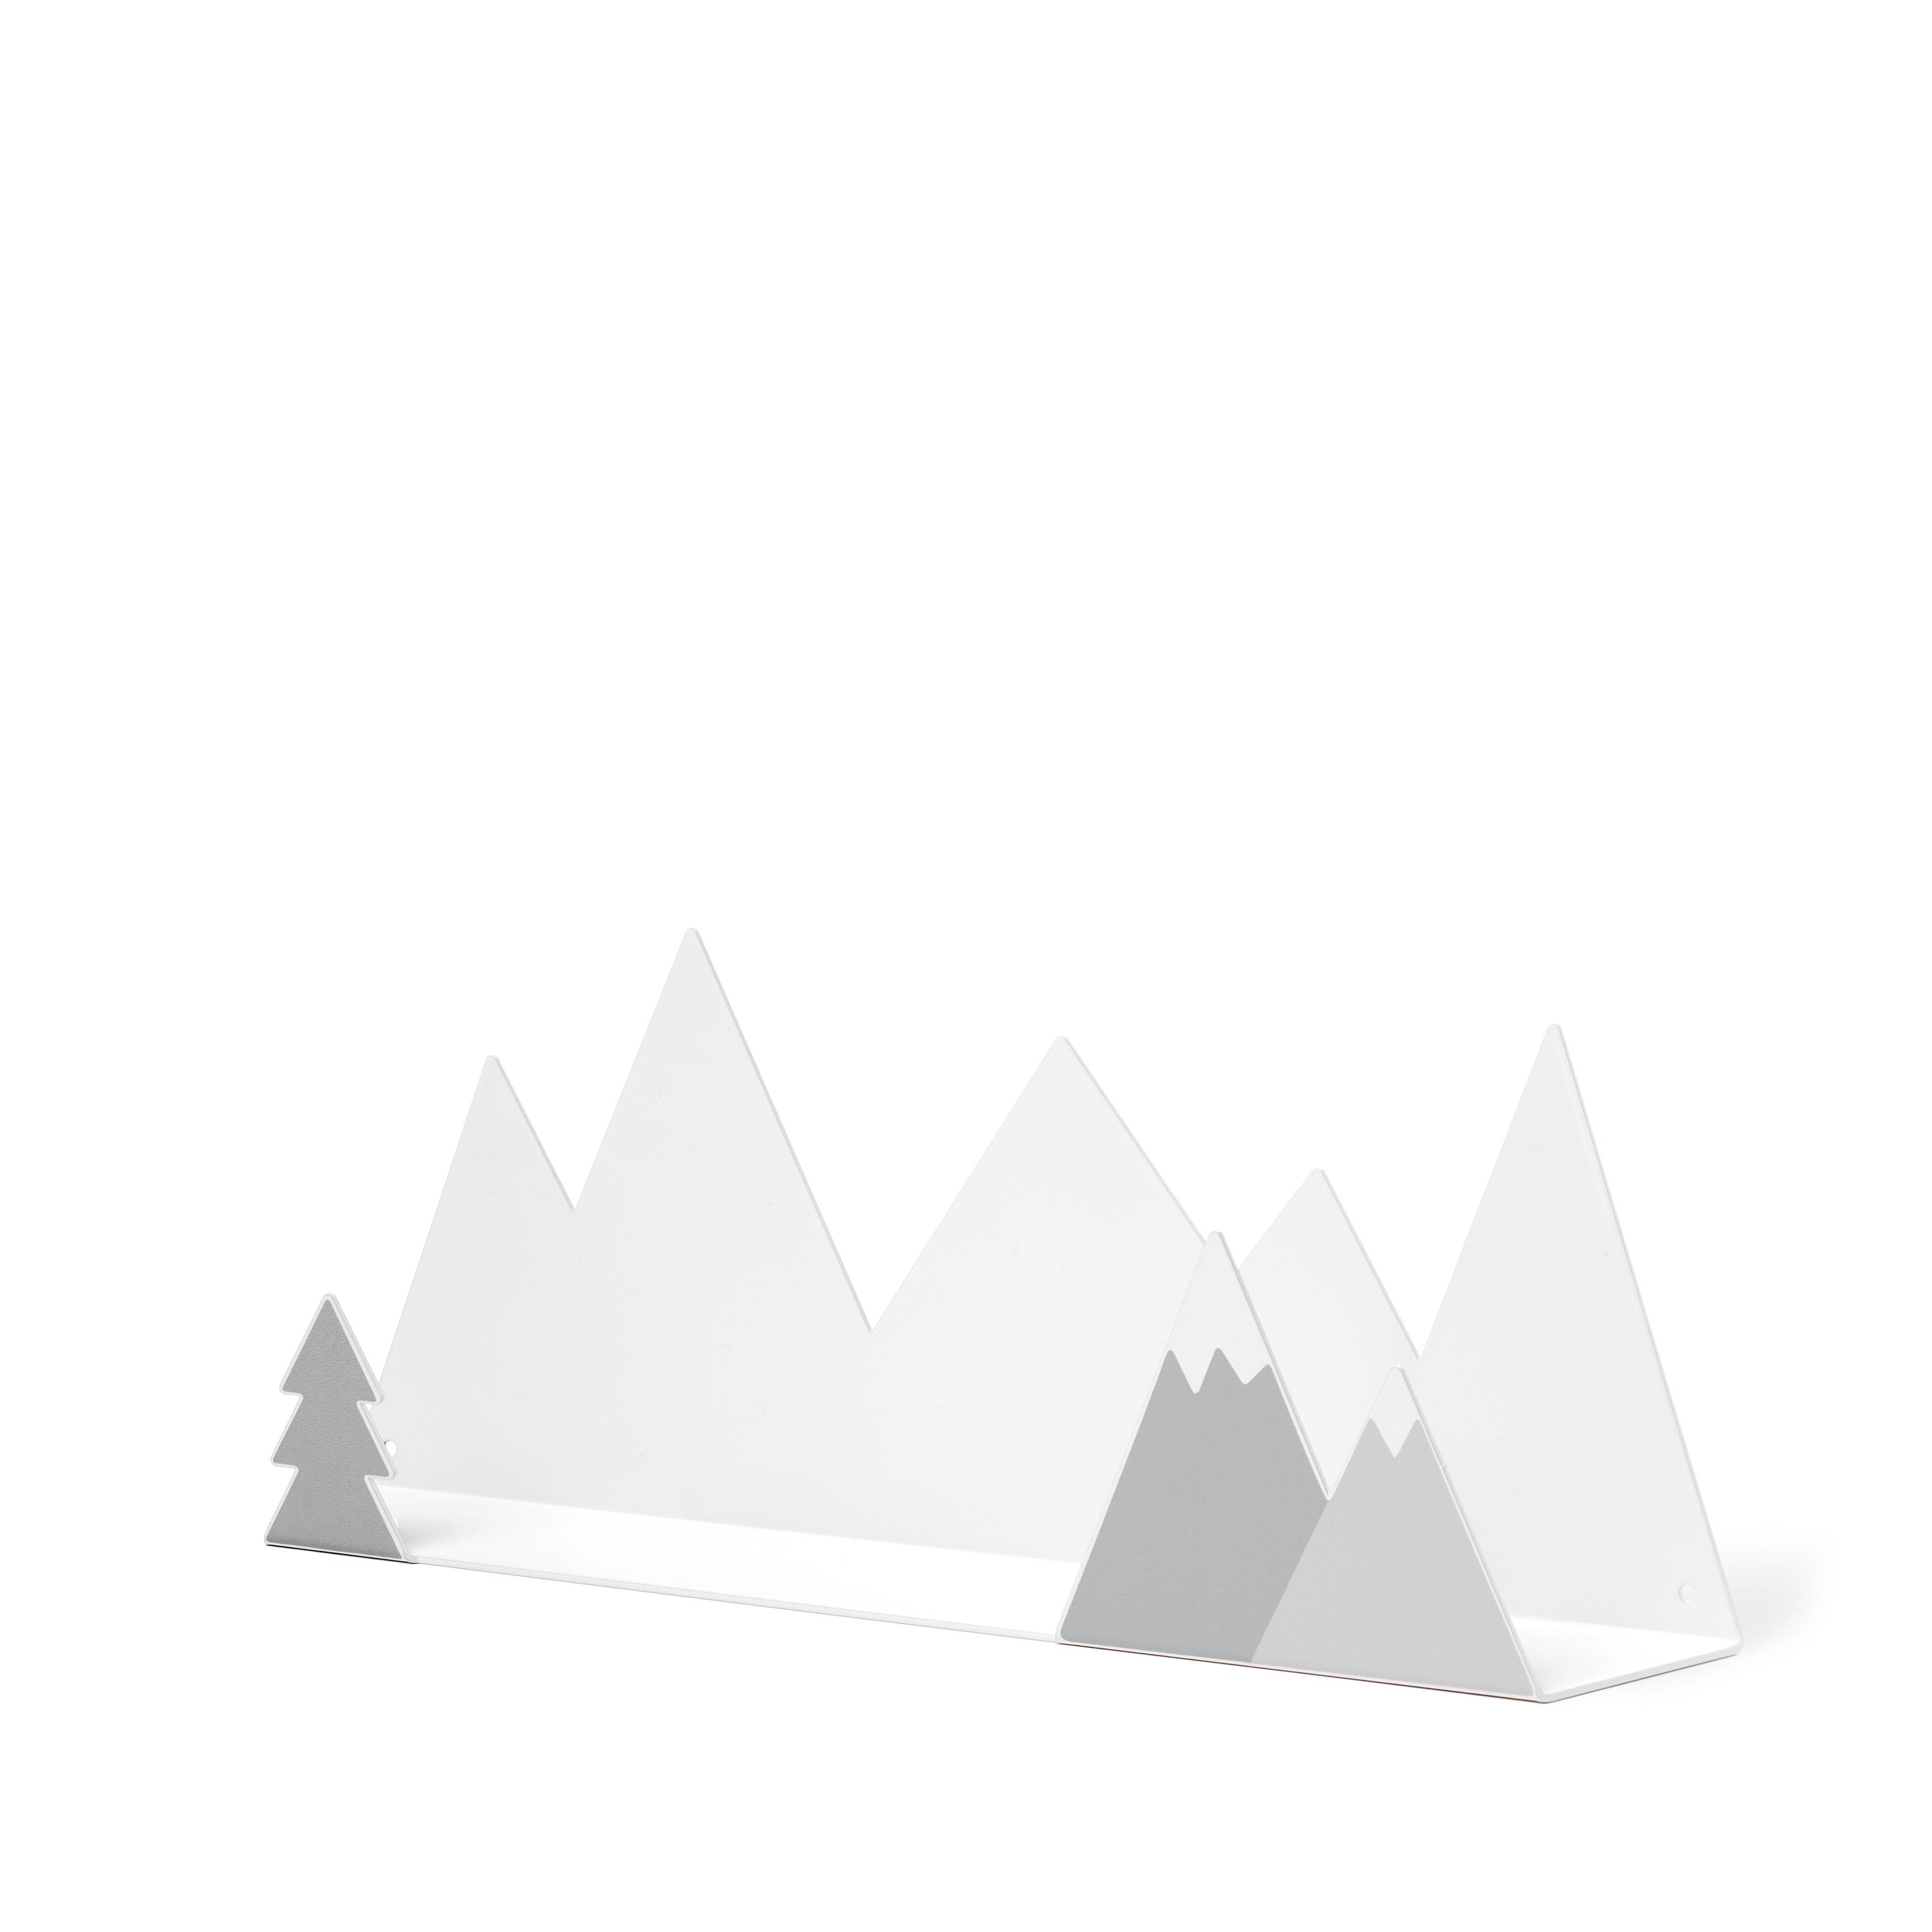 Etagère enfants montagne grise métal en pour thQCBrsdxo